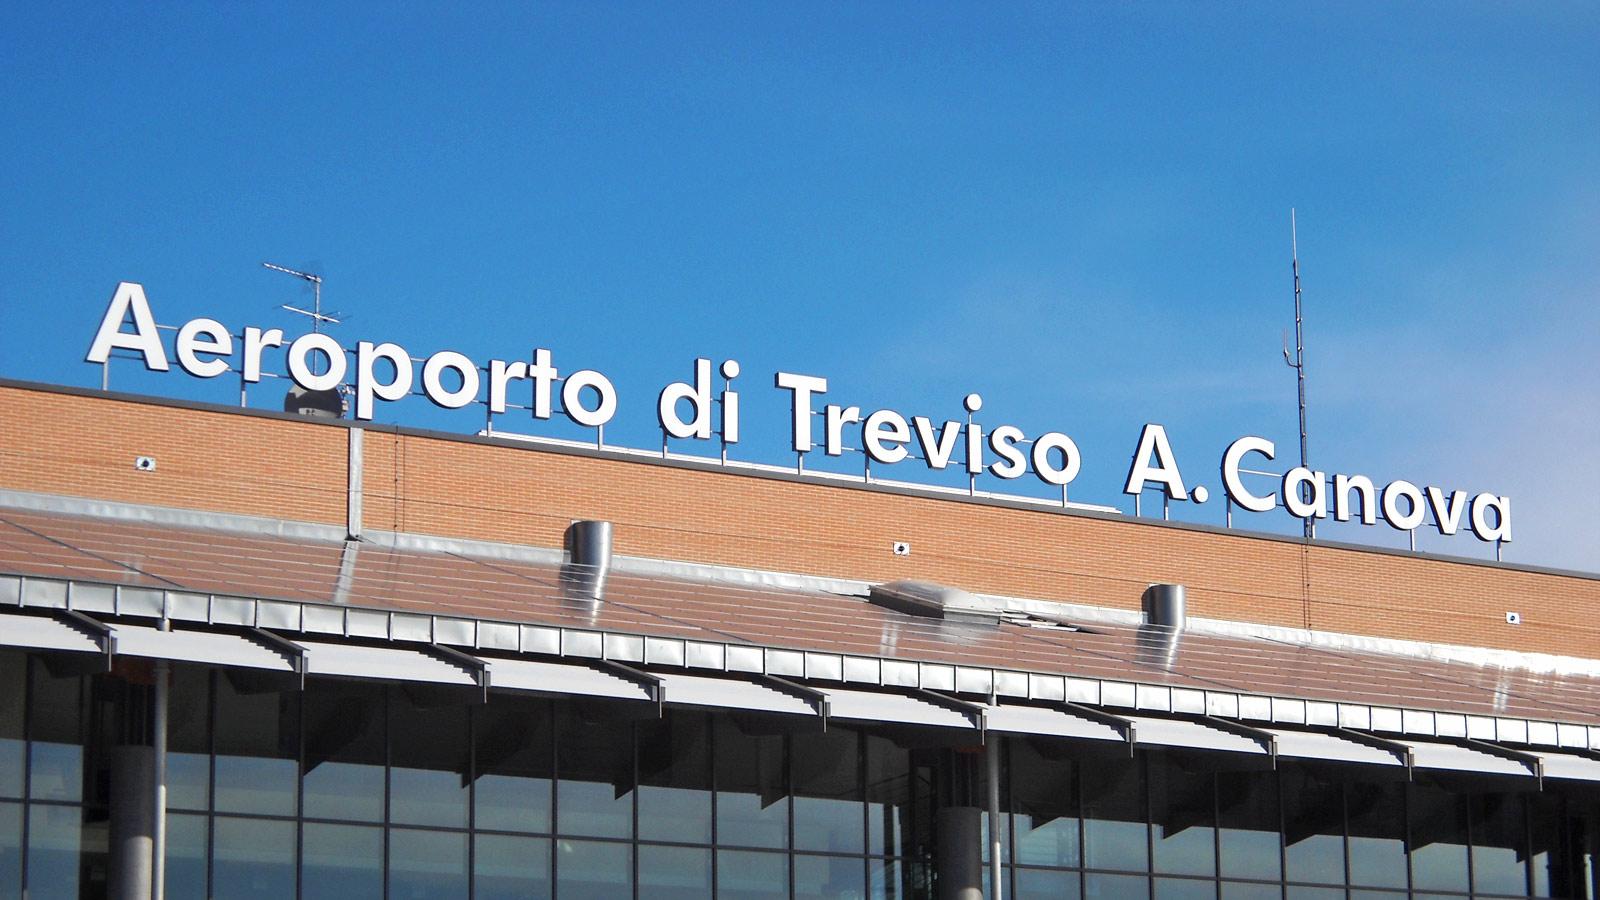 aeroporto-treviso-canova-lavorazioni-marmi-ruggero-bisetto-7_o